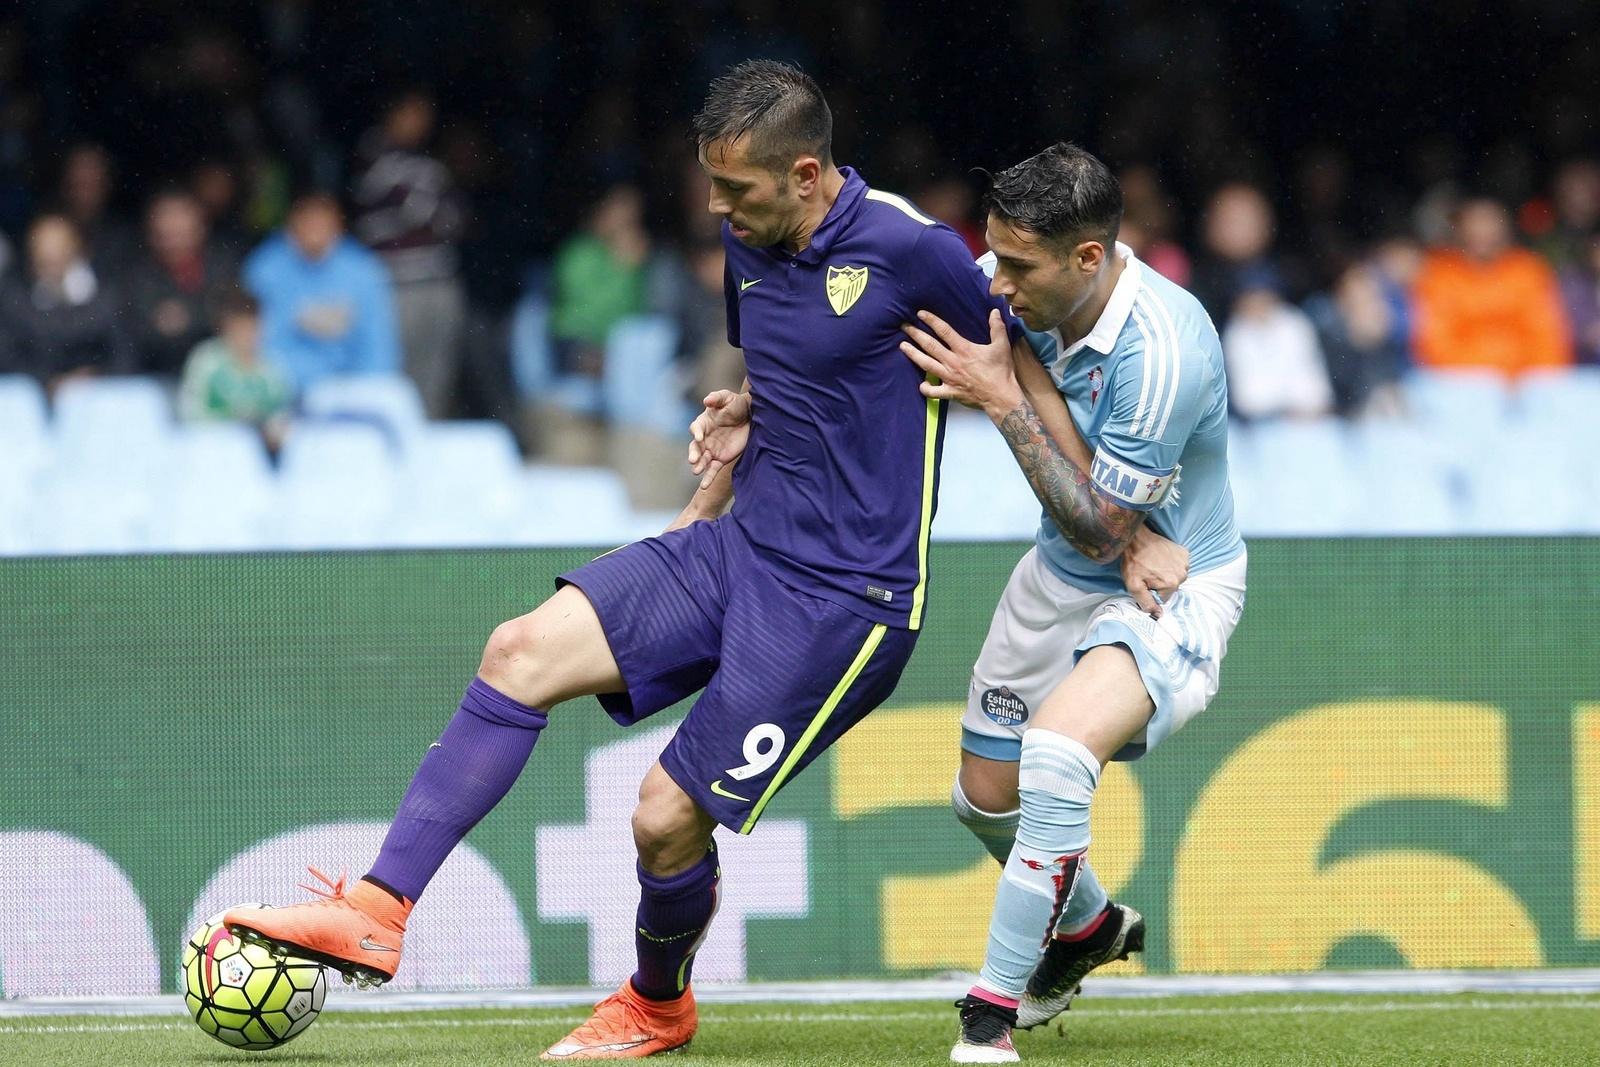 Charles hält sich Hugo Mallo vom Leib. Jetzt auf Celta Vigo gegen FC Malaga wetten!